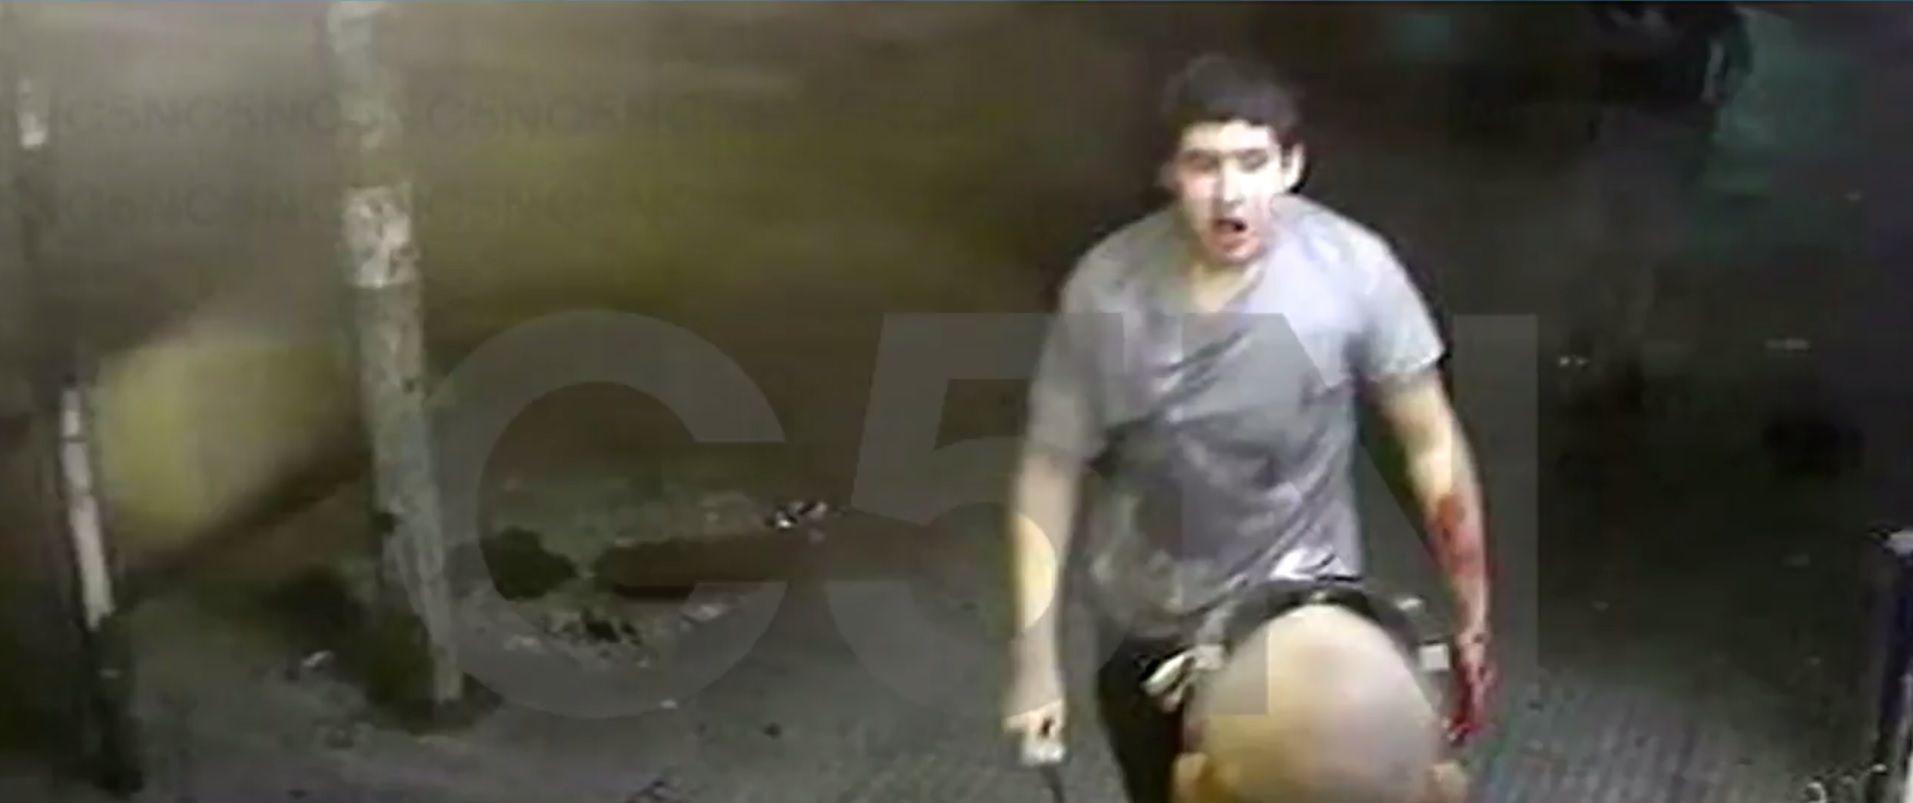 El atacante fue captado por las cámaras de monitoreo de la zona